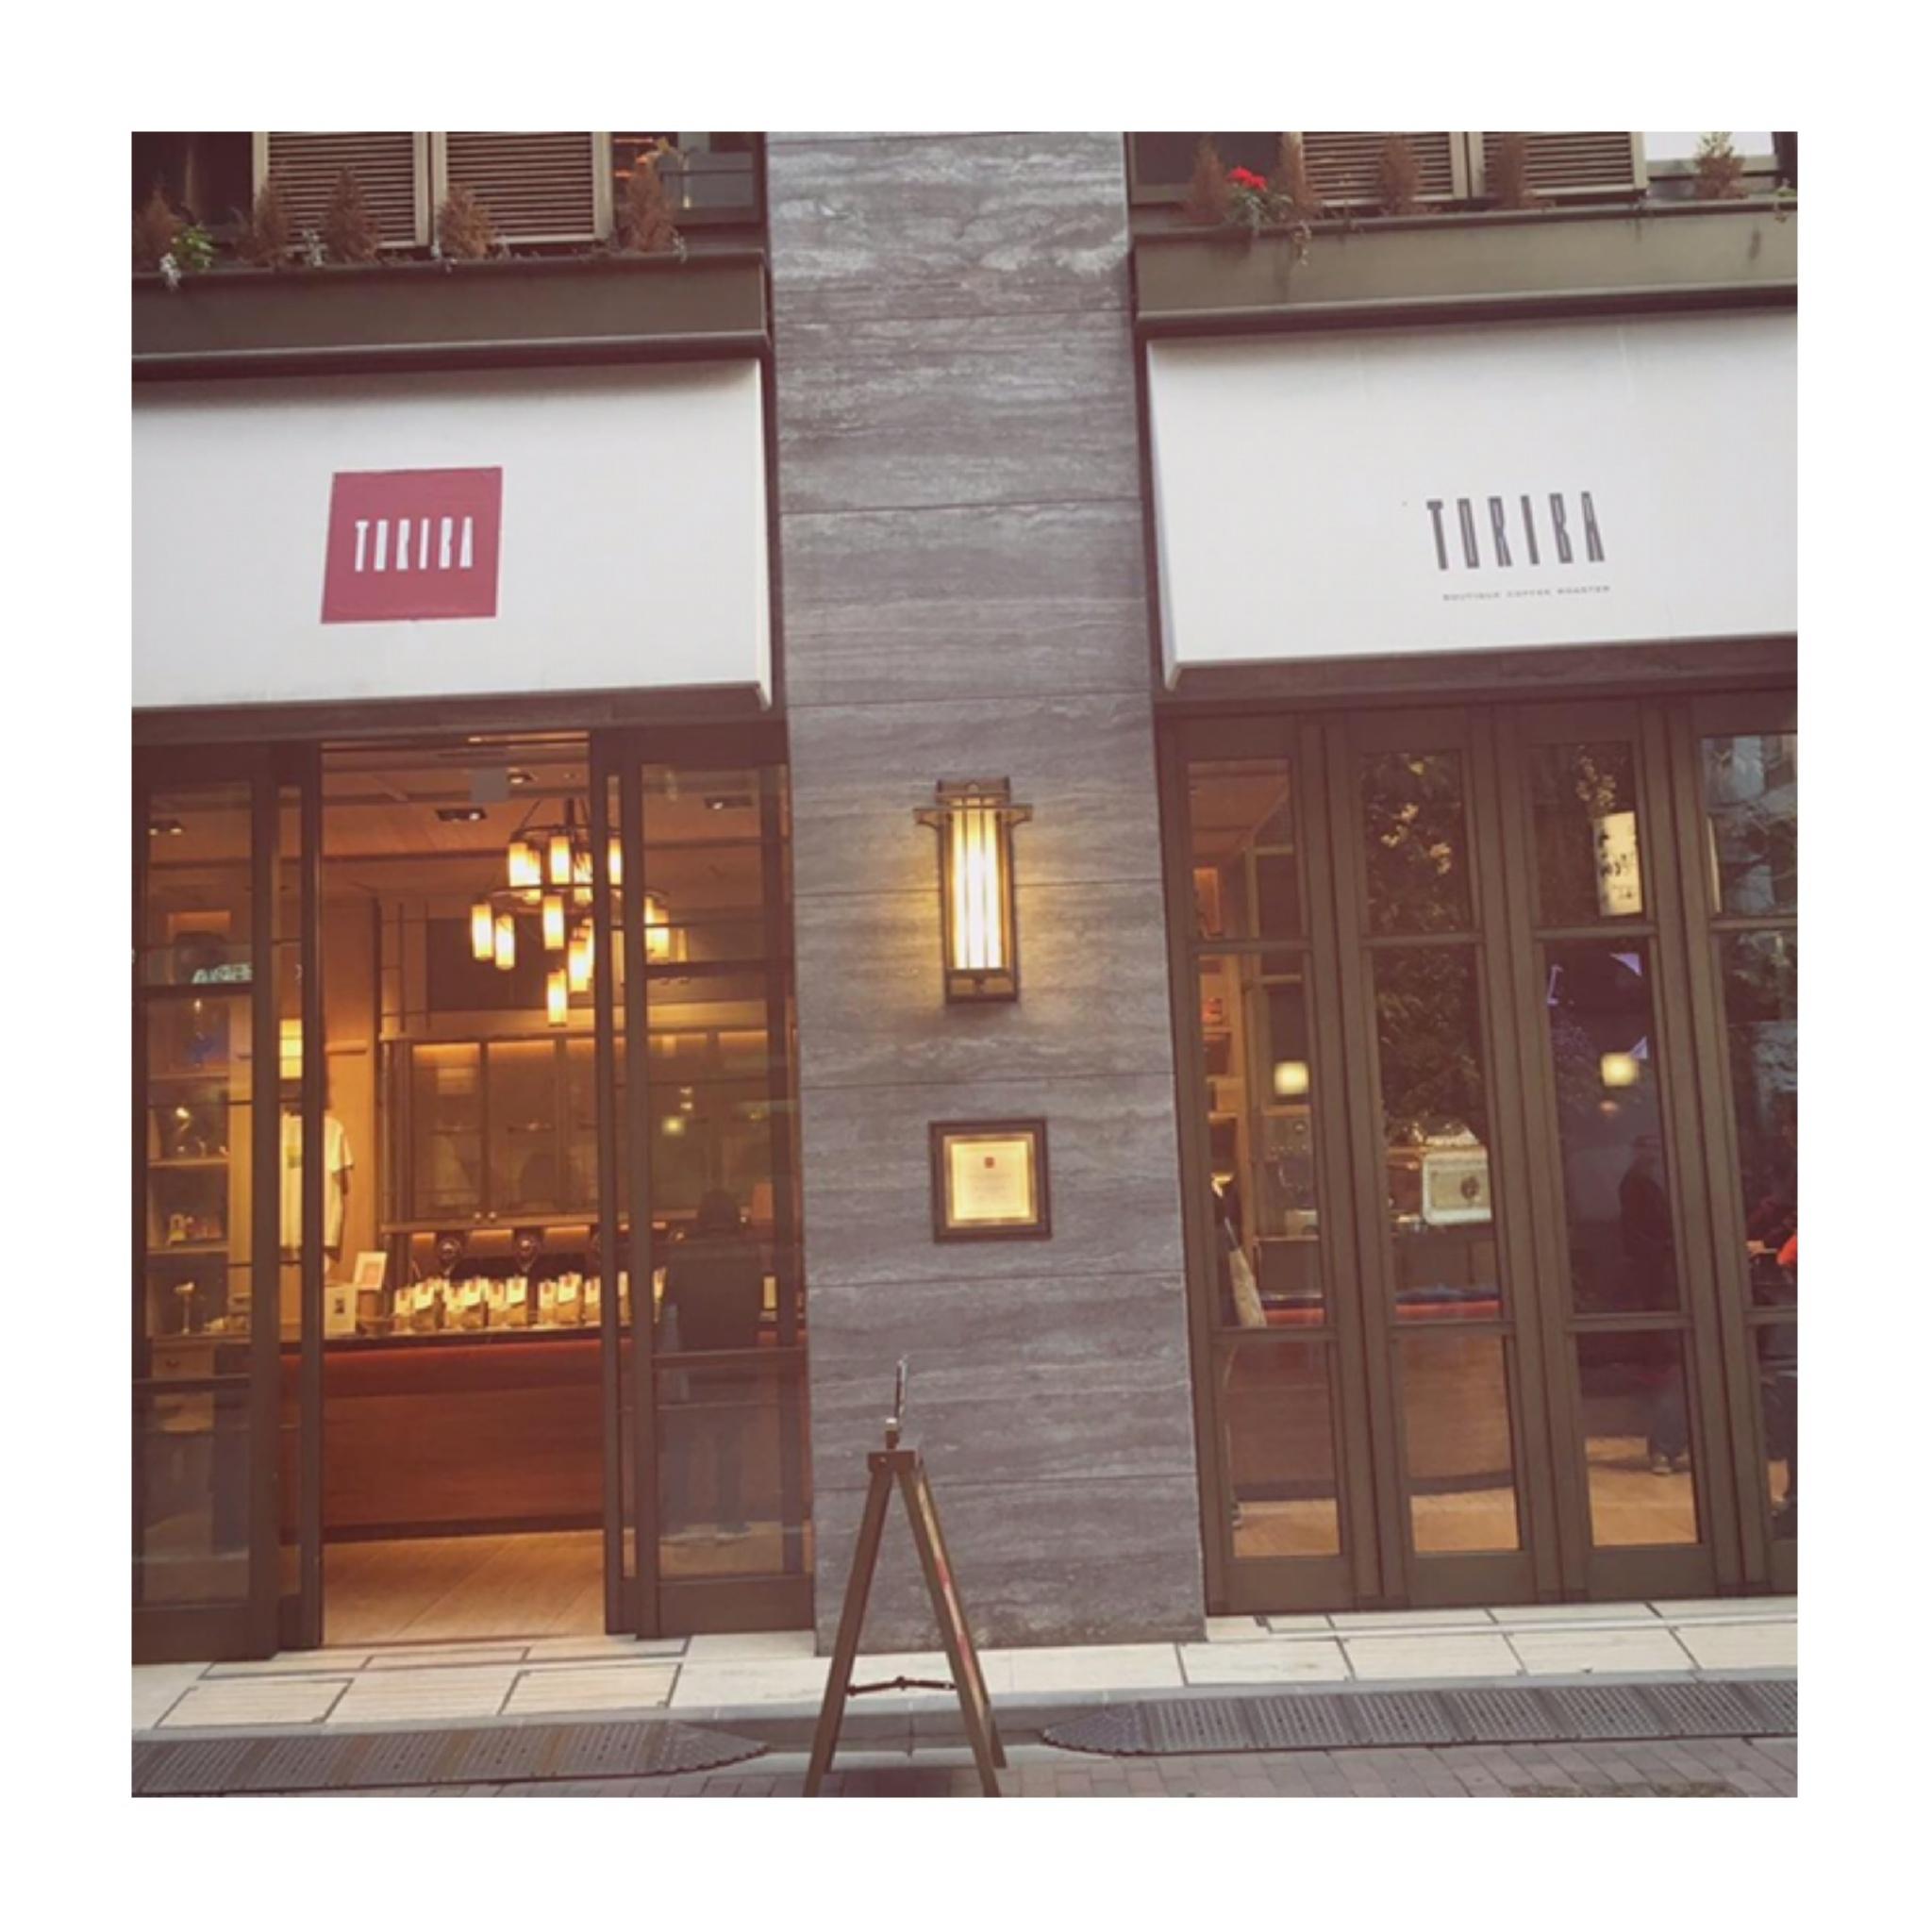 #16【#cafestagram】❤️:《銀座》でまさかの100円で本格コーヒーが飲める!『TORIBA COFFEE』☻_1